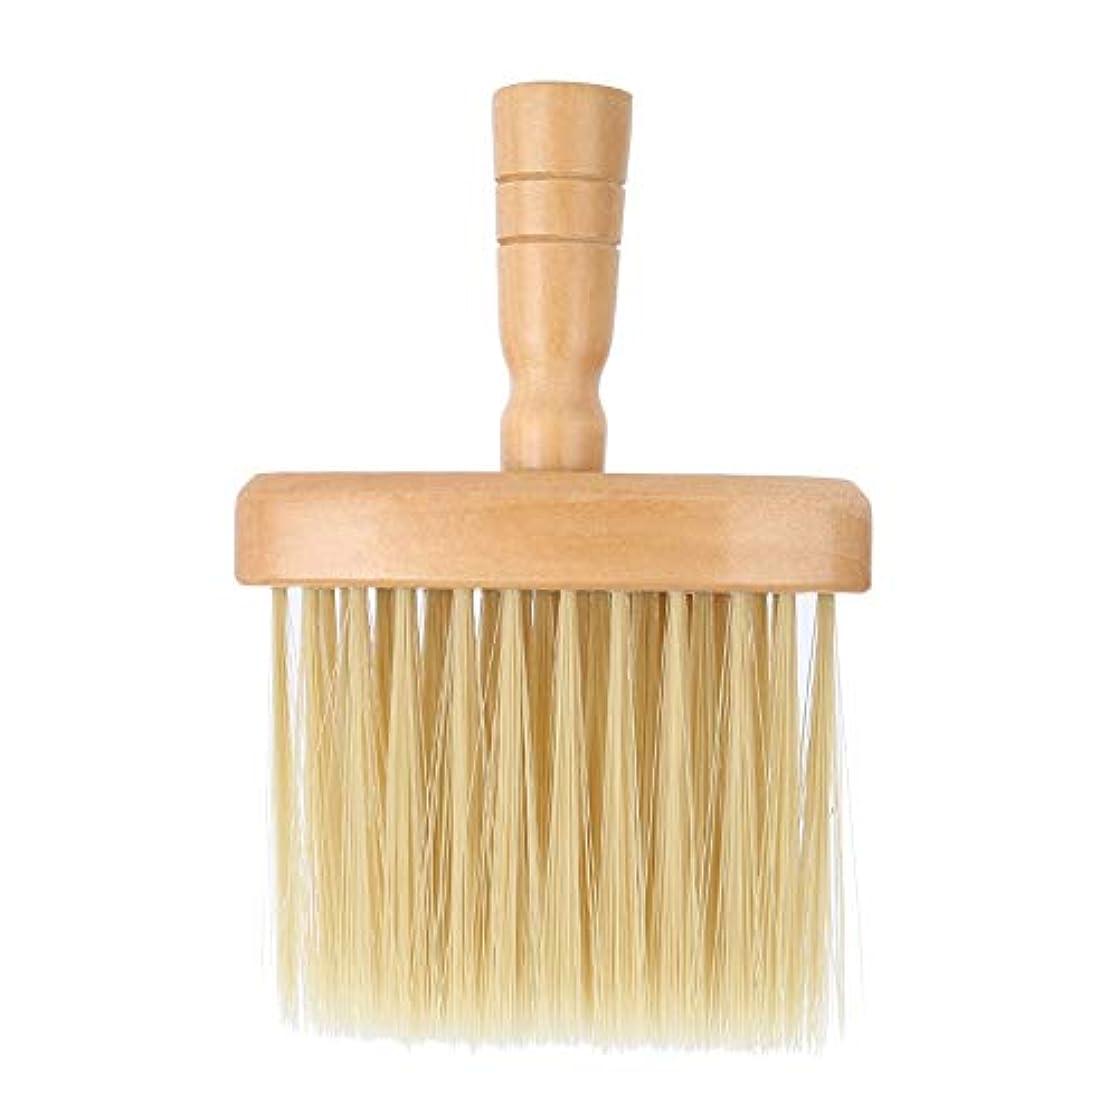 病んでいるメンテナンススチュアート島ヘアカットブラシネックフェイスダスターブラシサロンヘアクリーニング木製掃除ブラシヘアカット理髪ツール